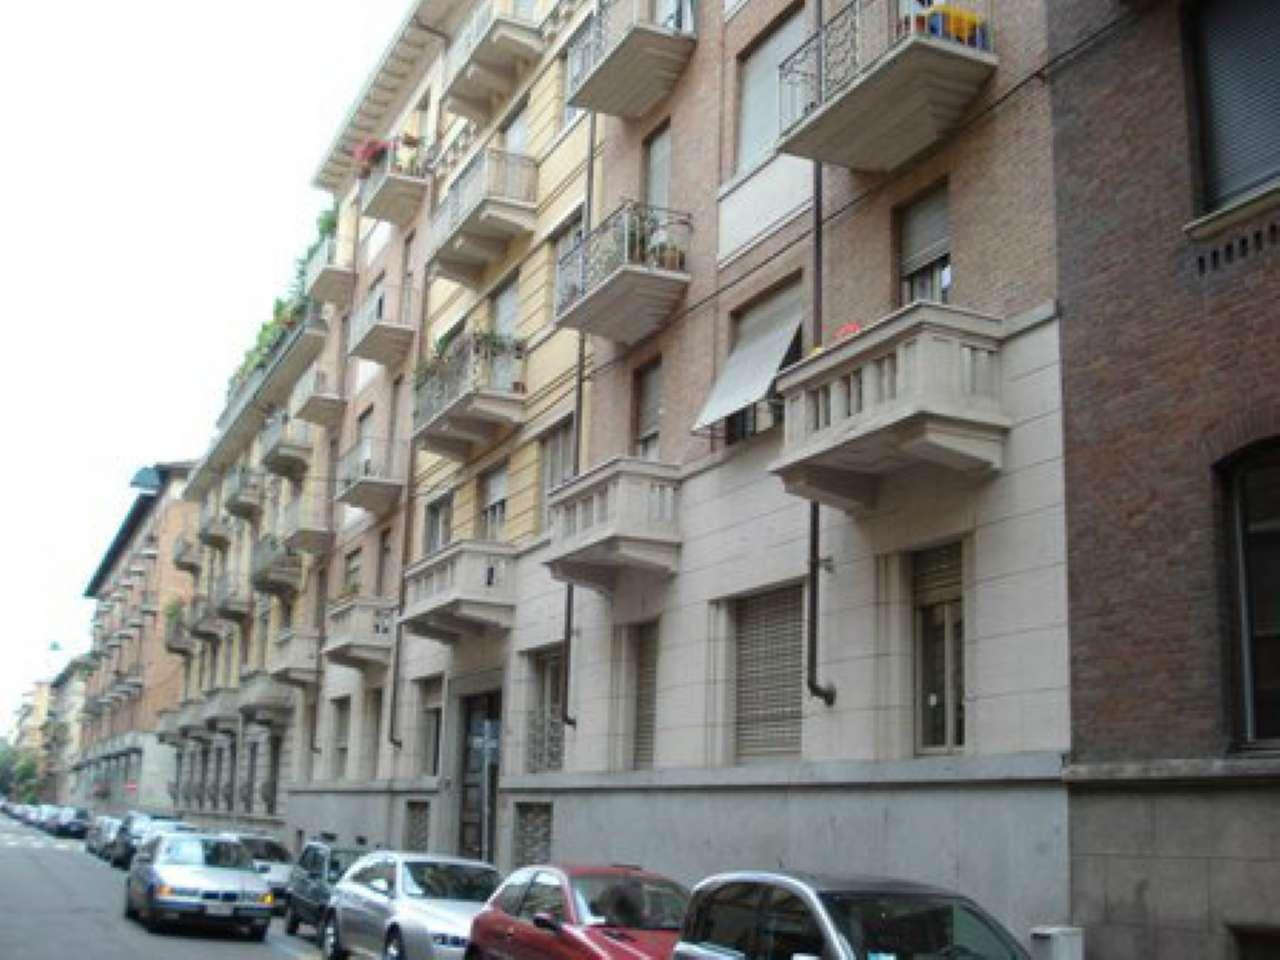 Ufficio / Studio in affitto a Torino, 3 locali, zona Zona: 9 . San Donato, Cit Turin, Campidoglio, , prezzo € 700 | Cambio Casa.it